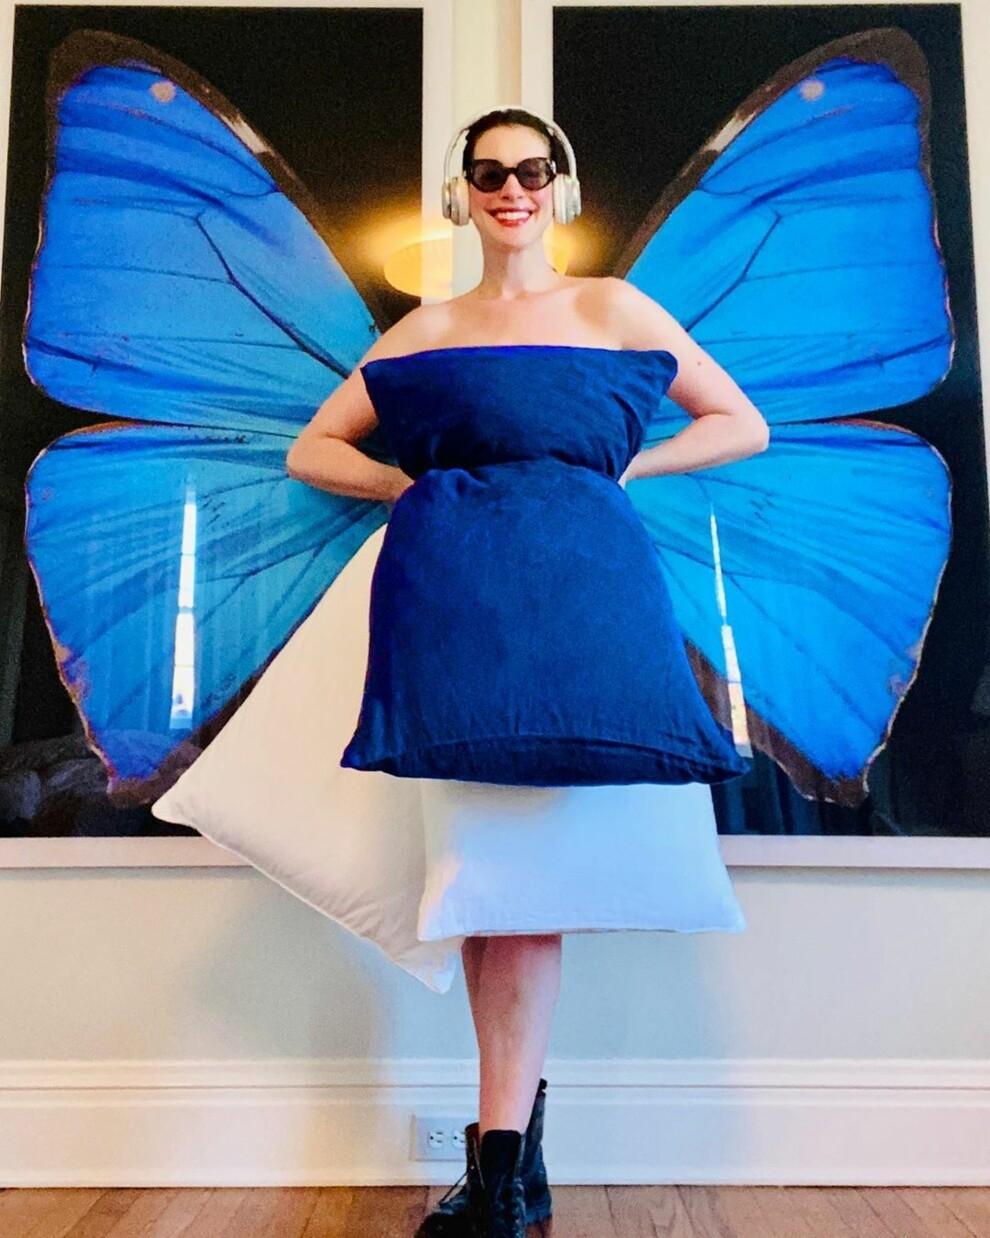 """В платье из подушек: Энн Хэтэуэй повторила культовый образ из фильма """"Дневники принцессы"""" - фото №1"""